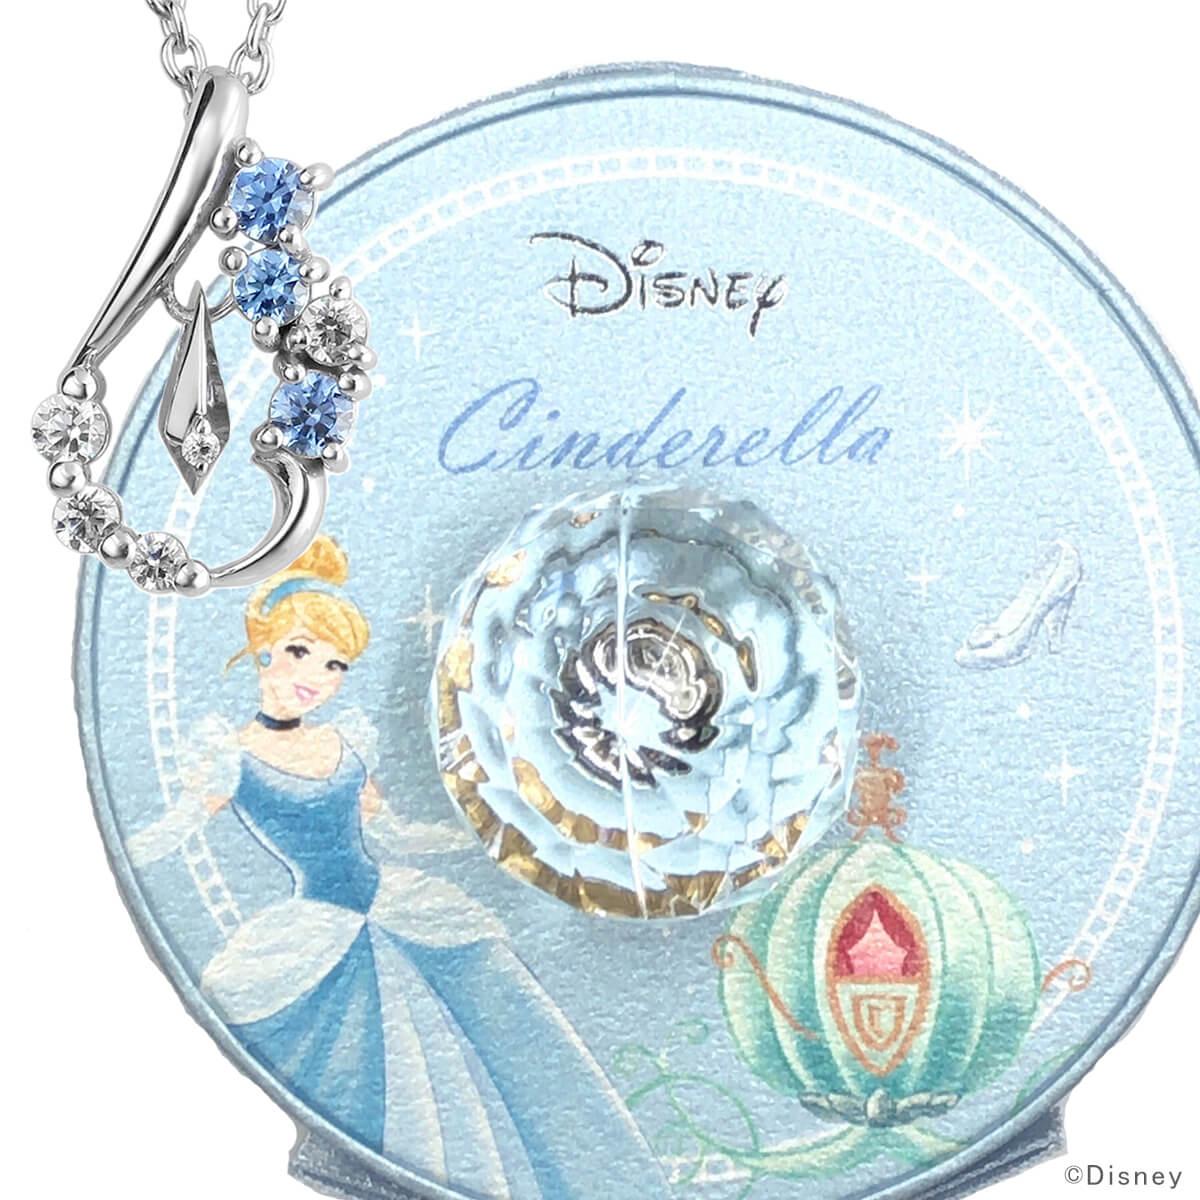 ディズニー シンデレラ ネックレス シンデレラ 数量限定 人気 ダイヤモンド ドロップ Disney プリンセス グッズ プレゼント 誕生日 レディース